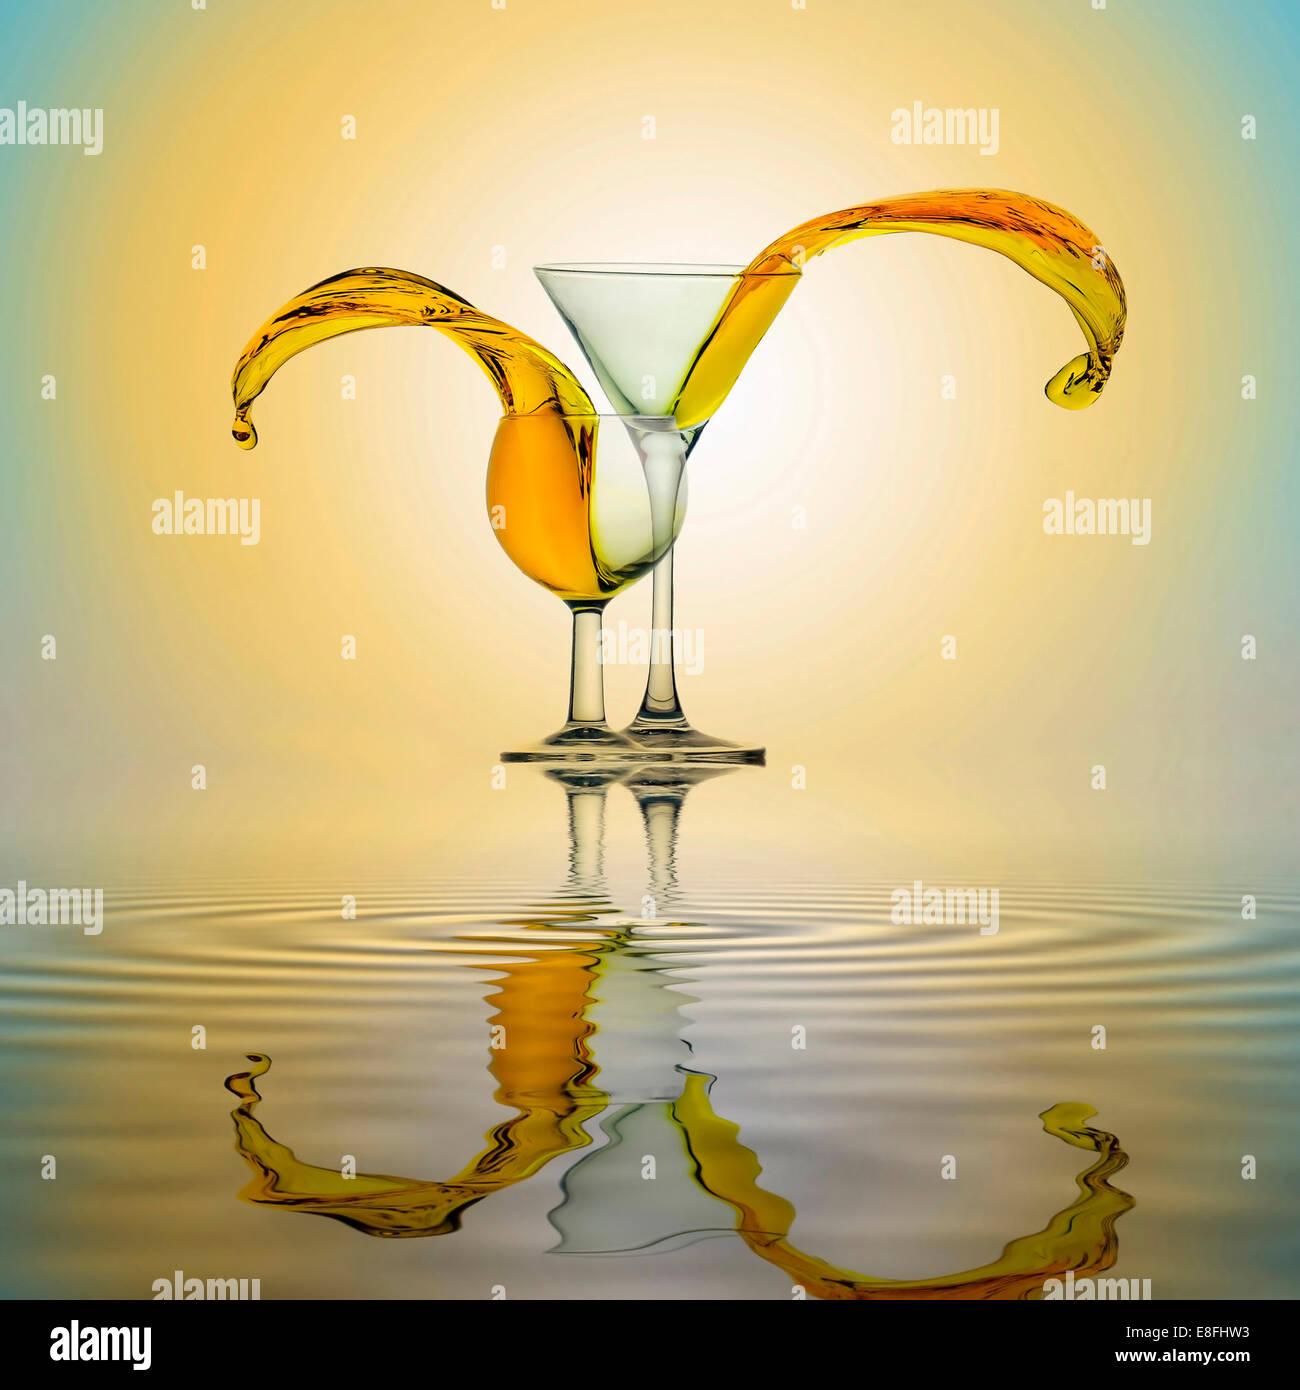 Gelbes Wasser spritzt aus zwei Gläsern, die nebeneinander stehen auf Wasseroberfläche Stockbild